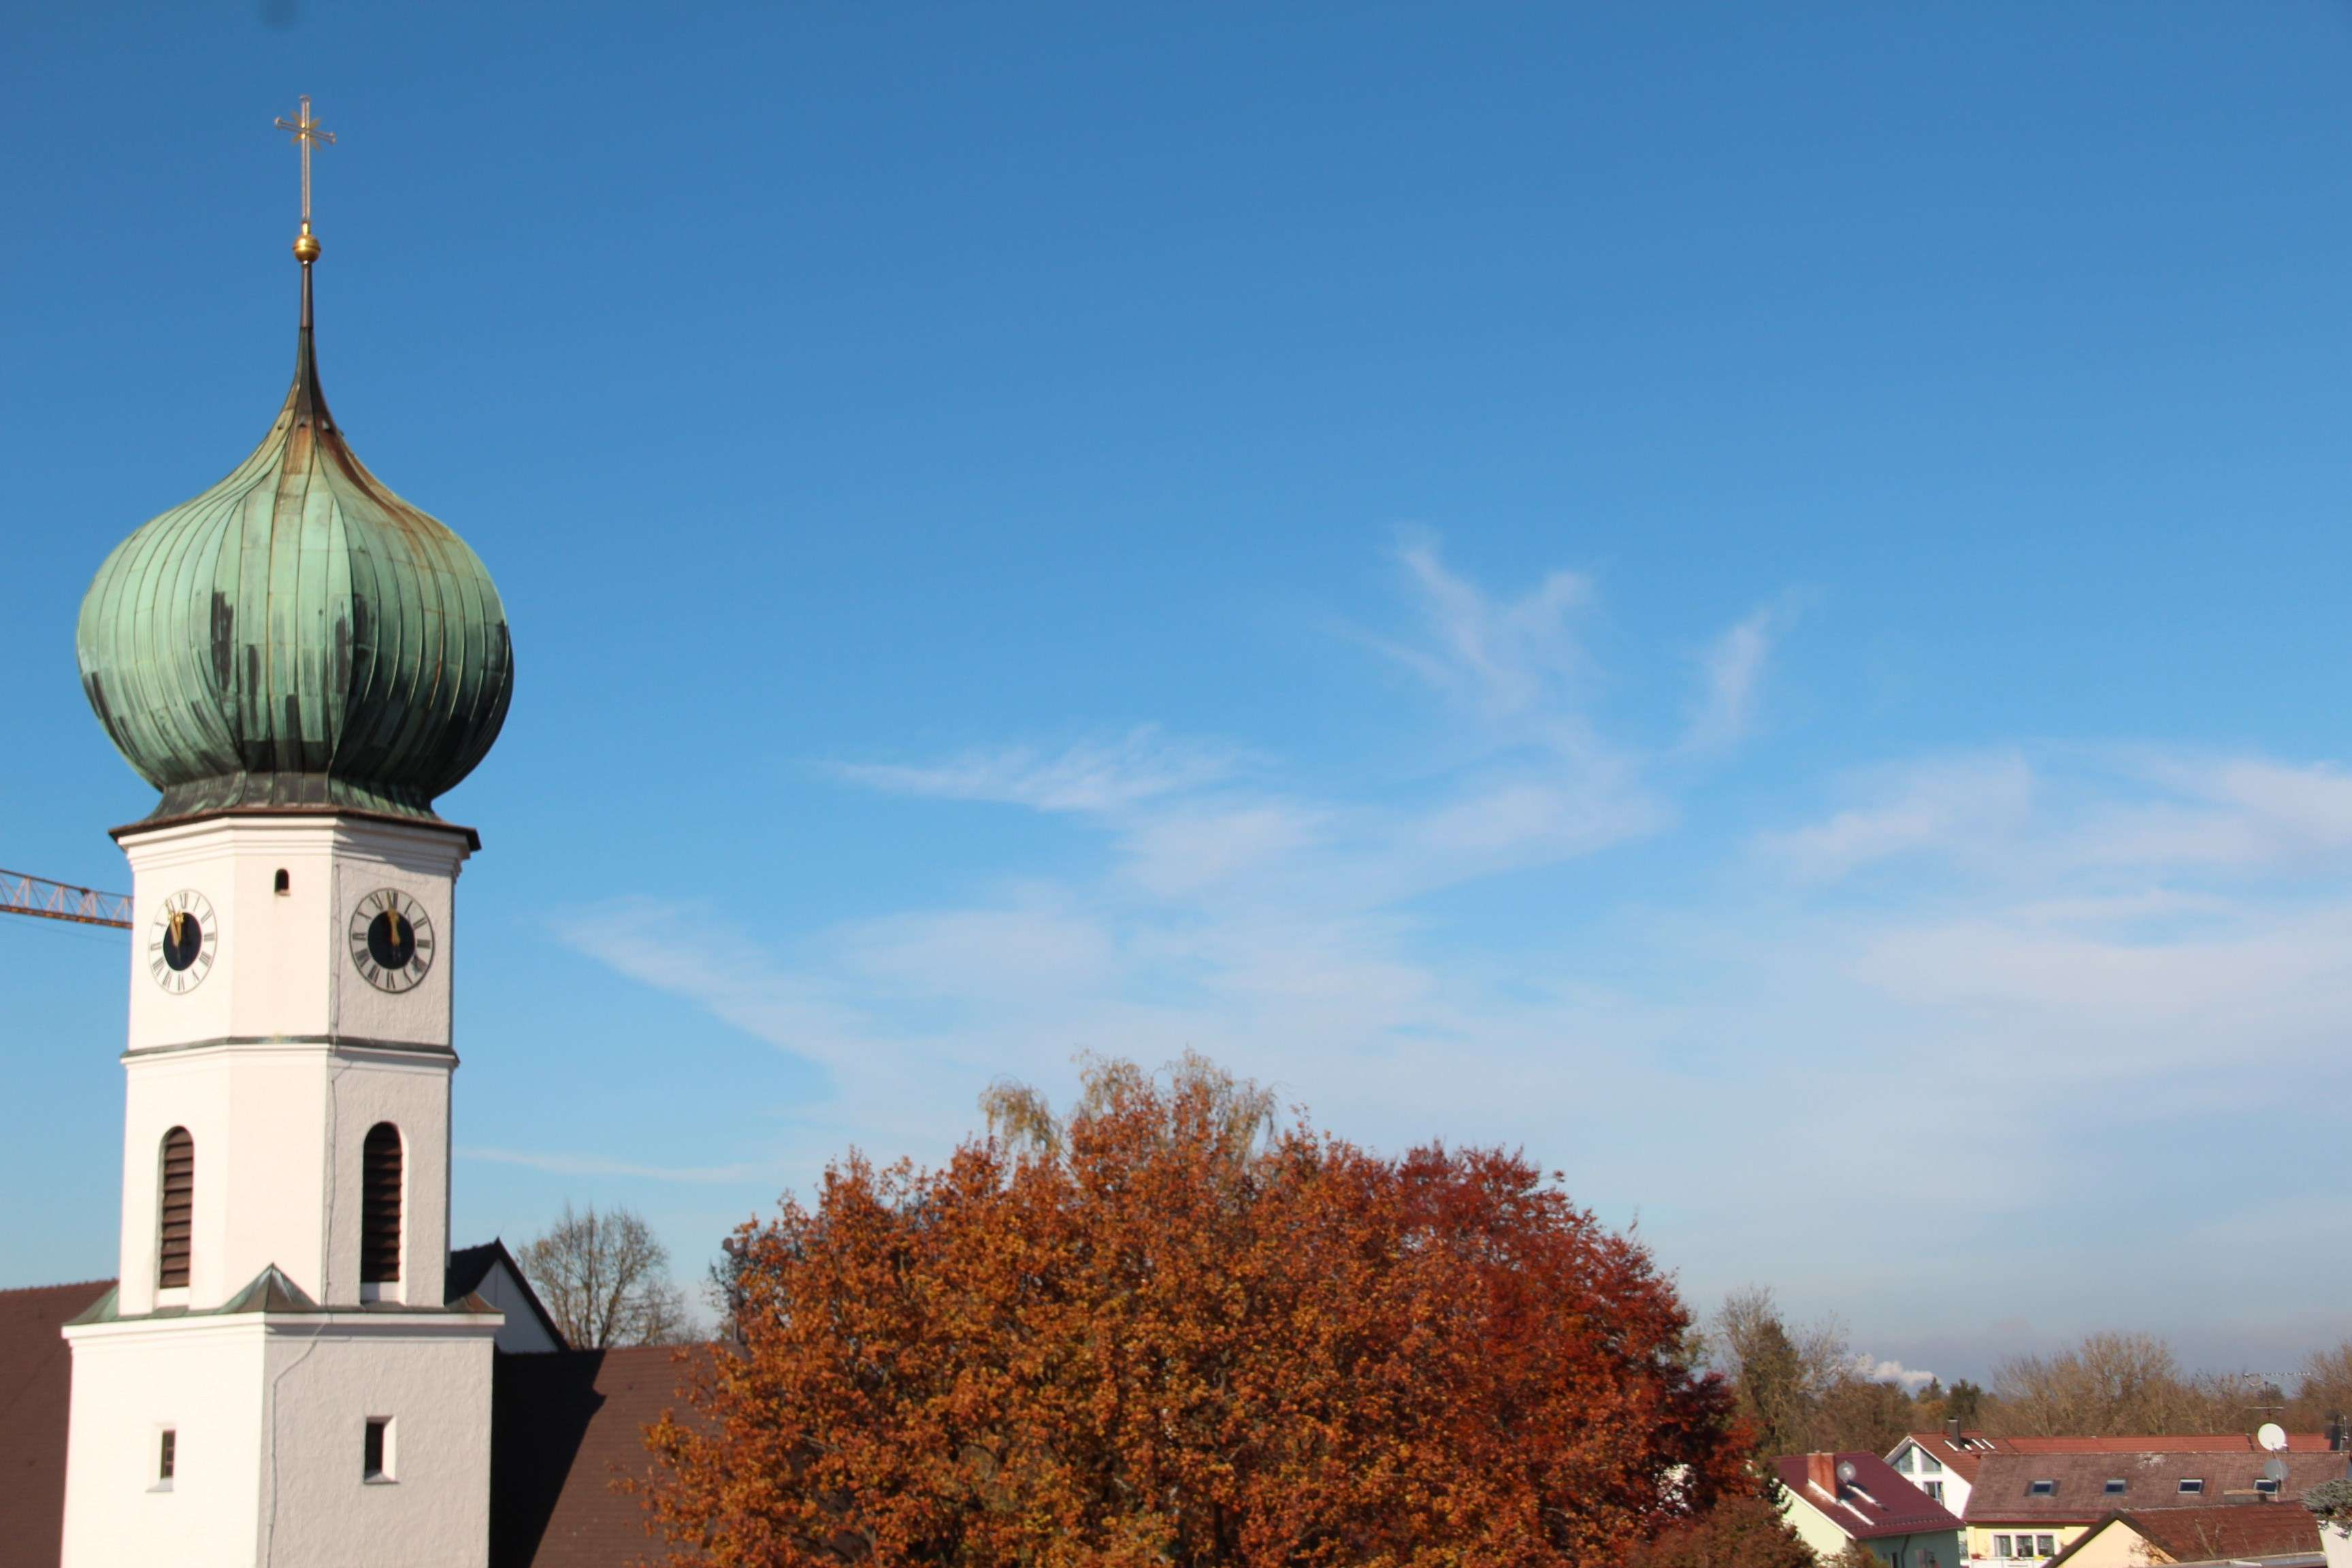 Penthouse-Wohnung mit Lift - frisch renoviert in Gröbenzell